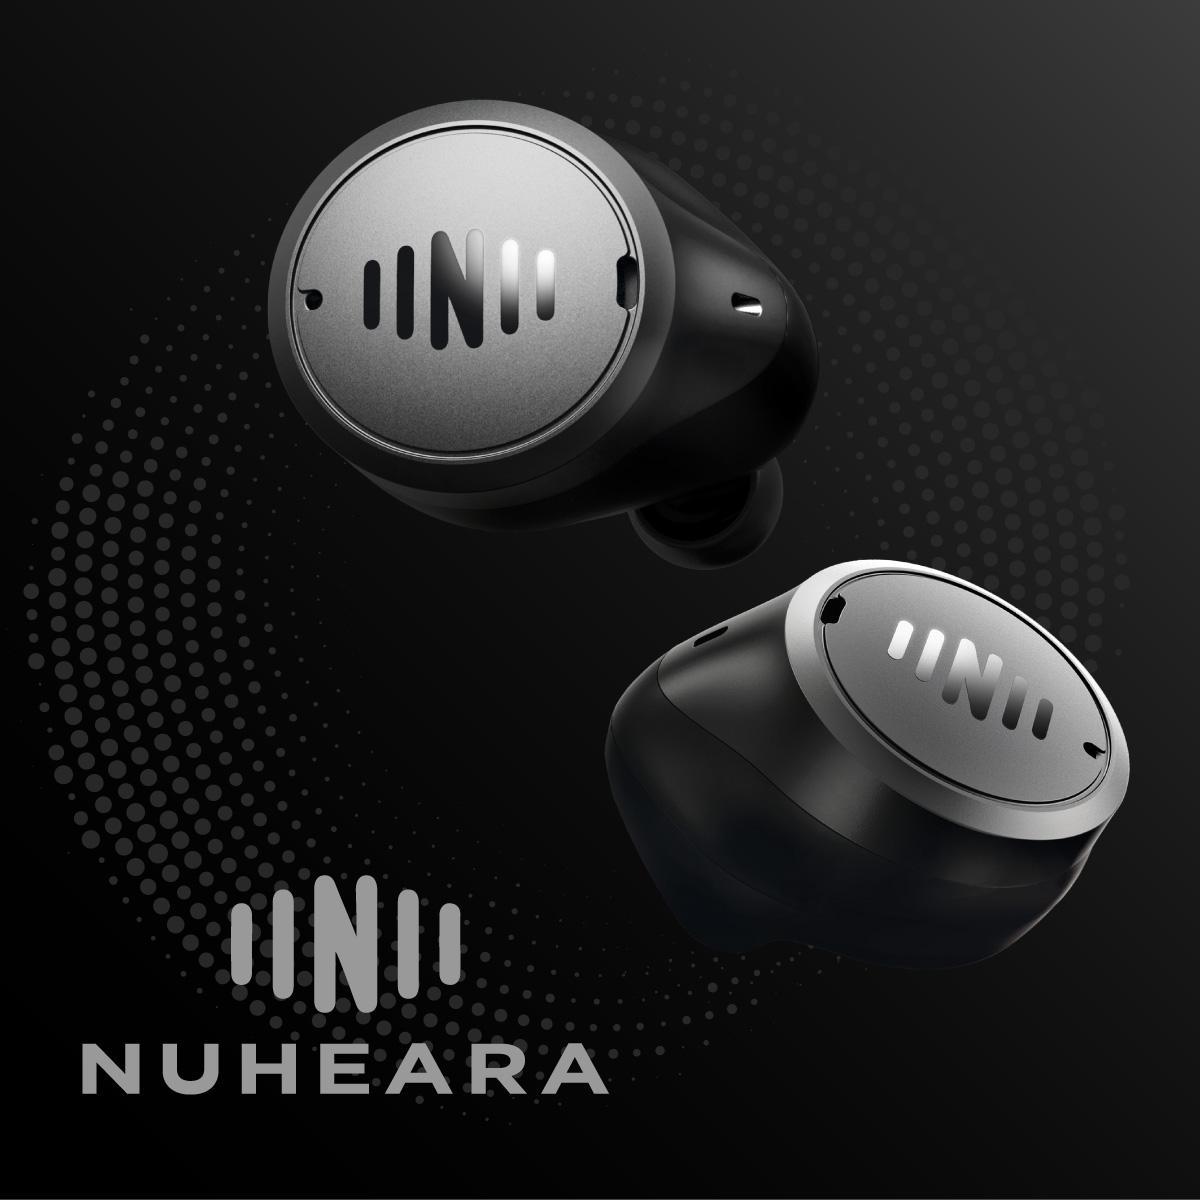 Nuheara Brand Packaging Refresh